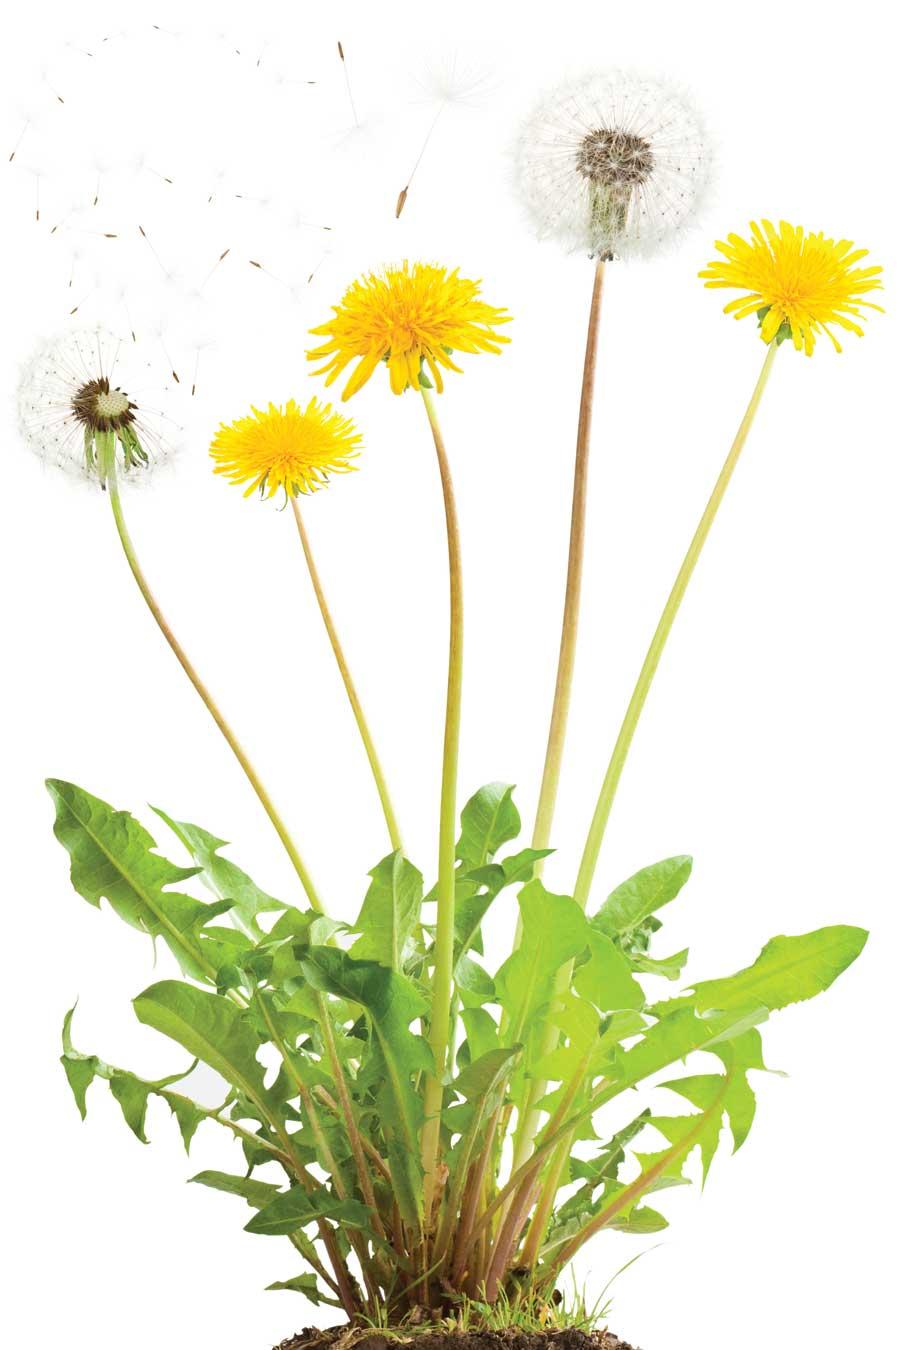 fennel dandelion greens stir fry mountain laurel copywriting